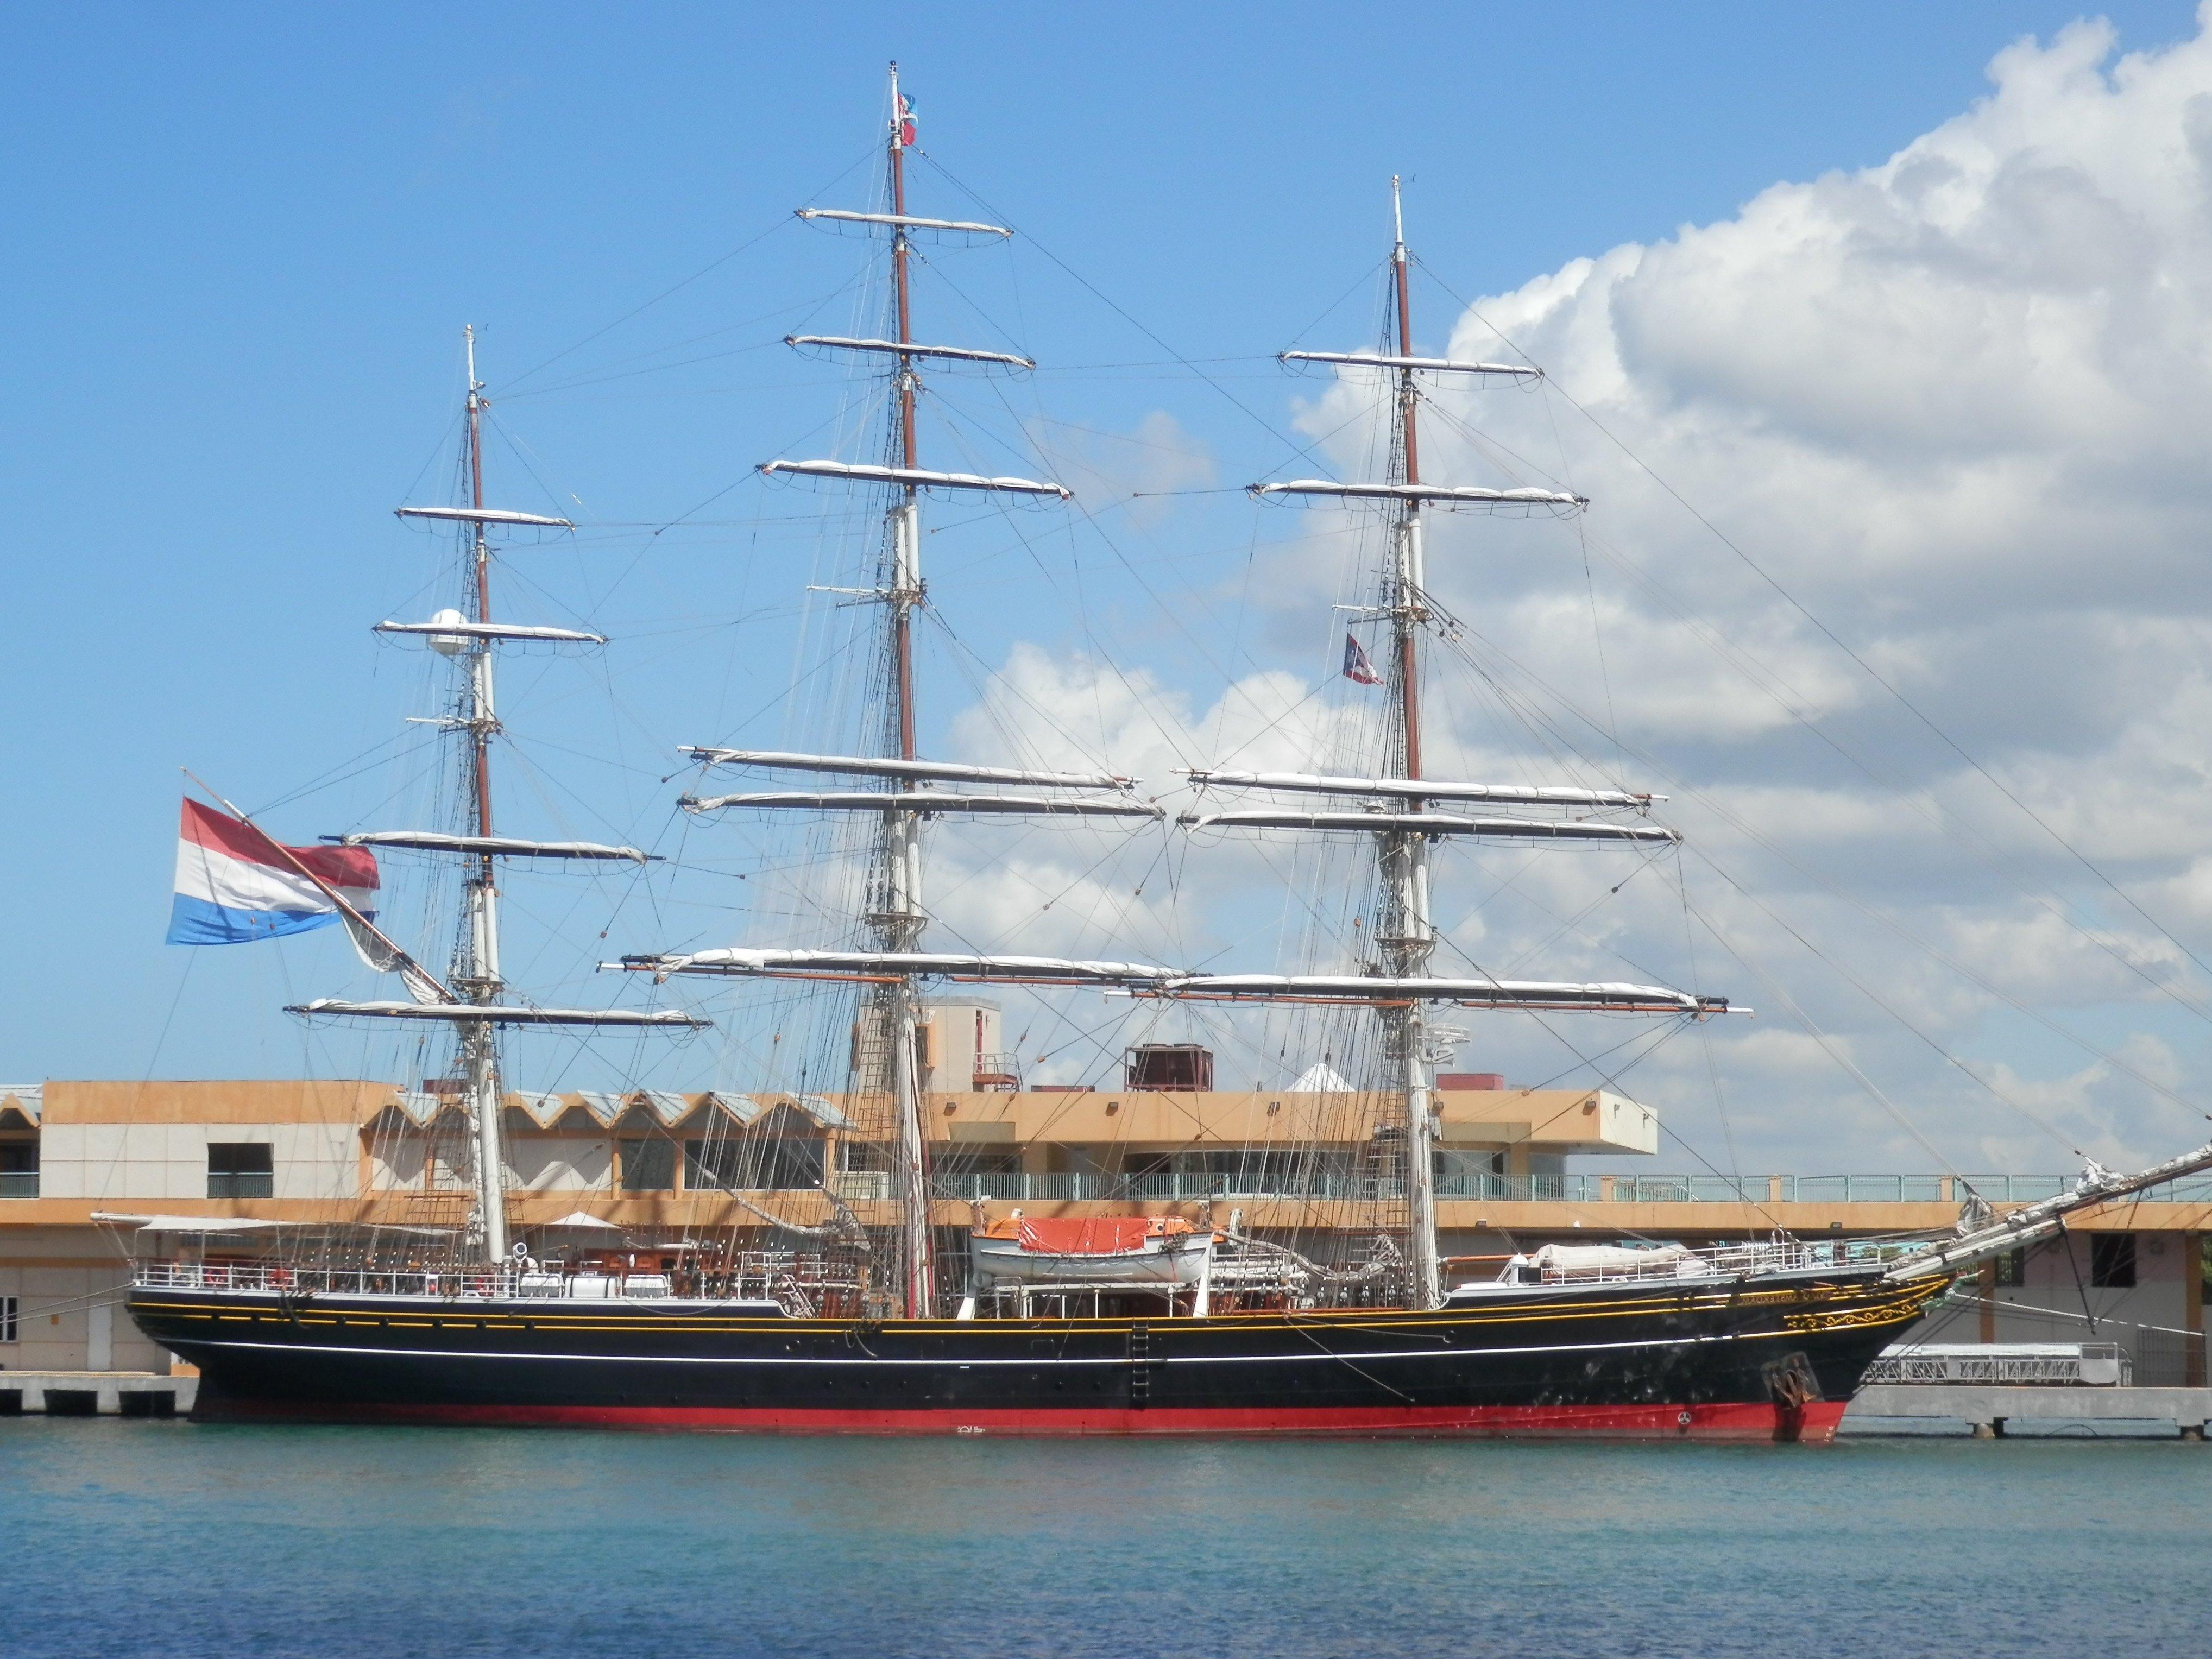 Image libre motomarine bateau eau urbain bateau - Voile bateau pirate ...